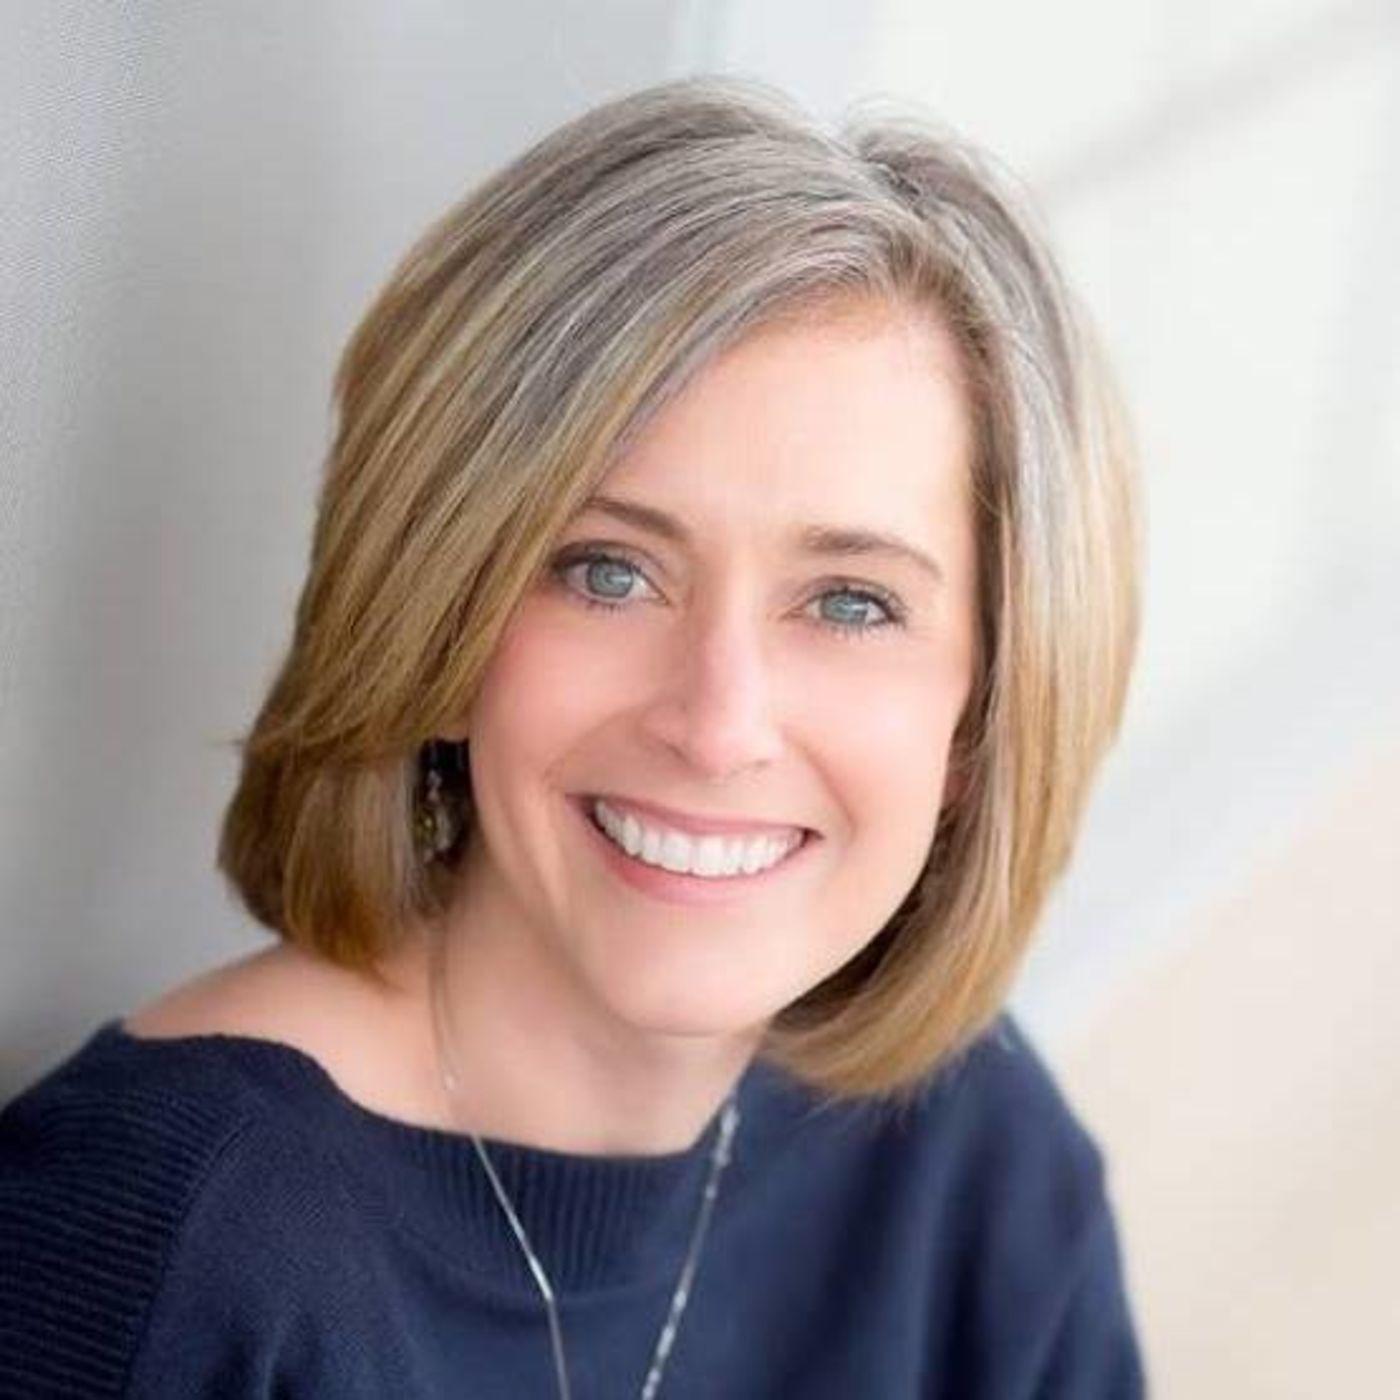 2018 Montana Teacher of the Year: Melissa Romano